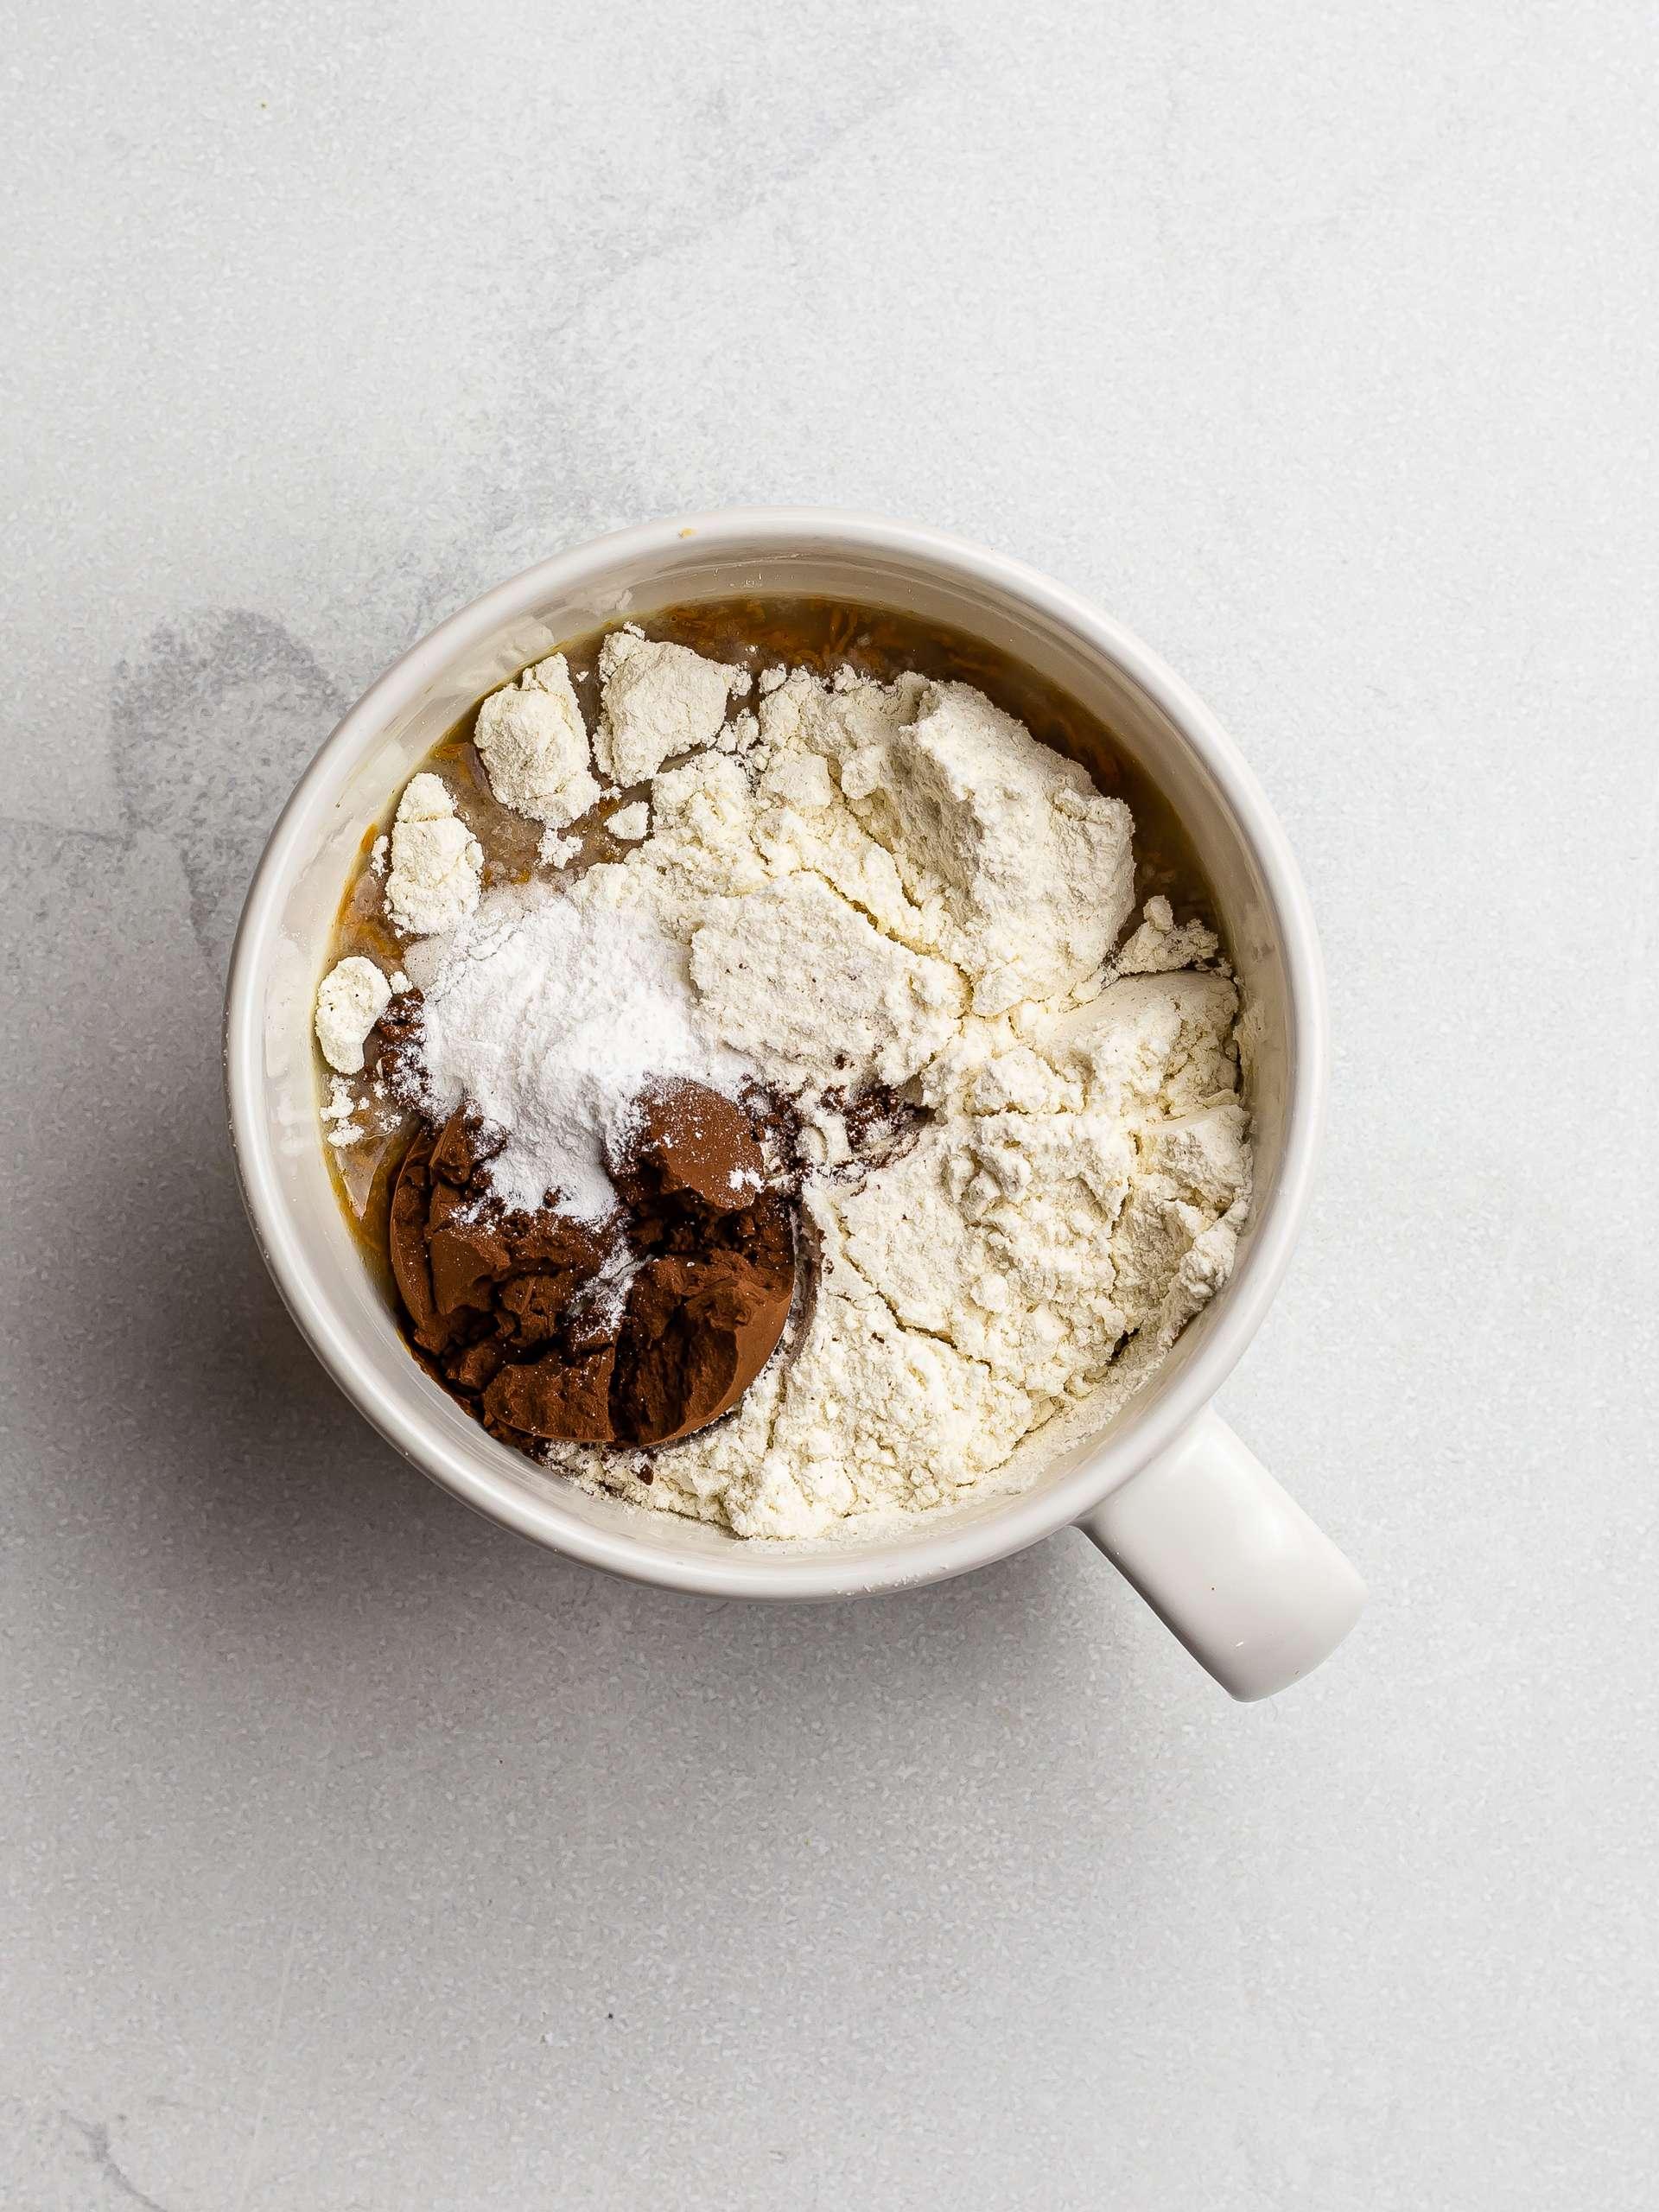 vegan mug brownie ingredients in a cup